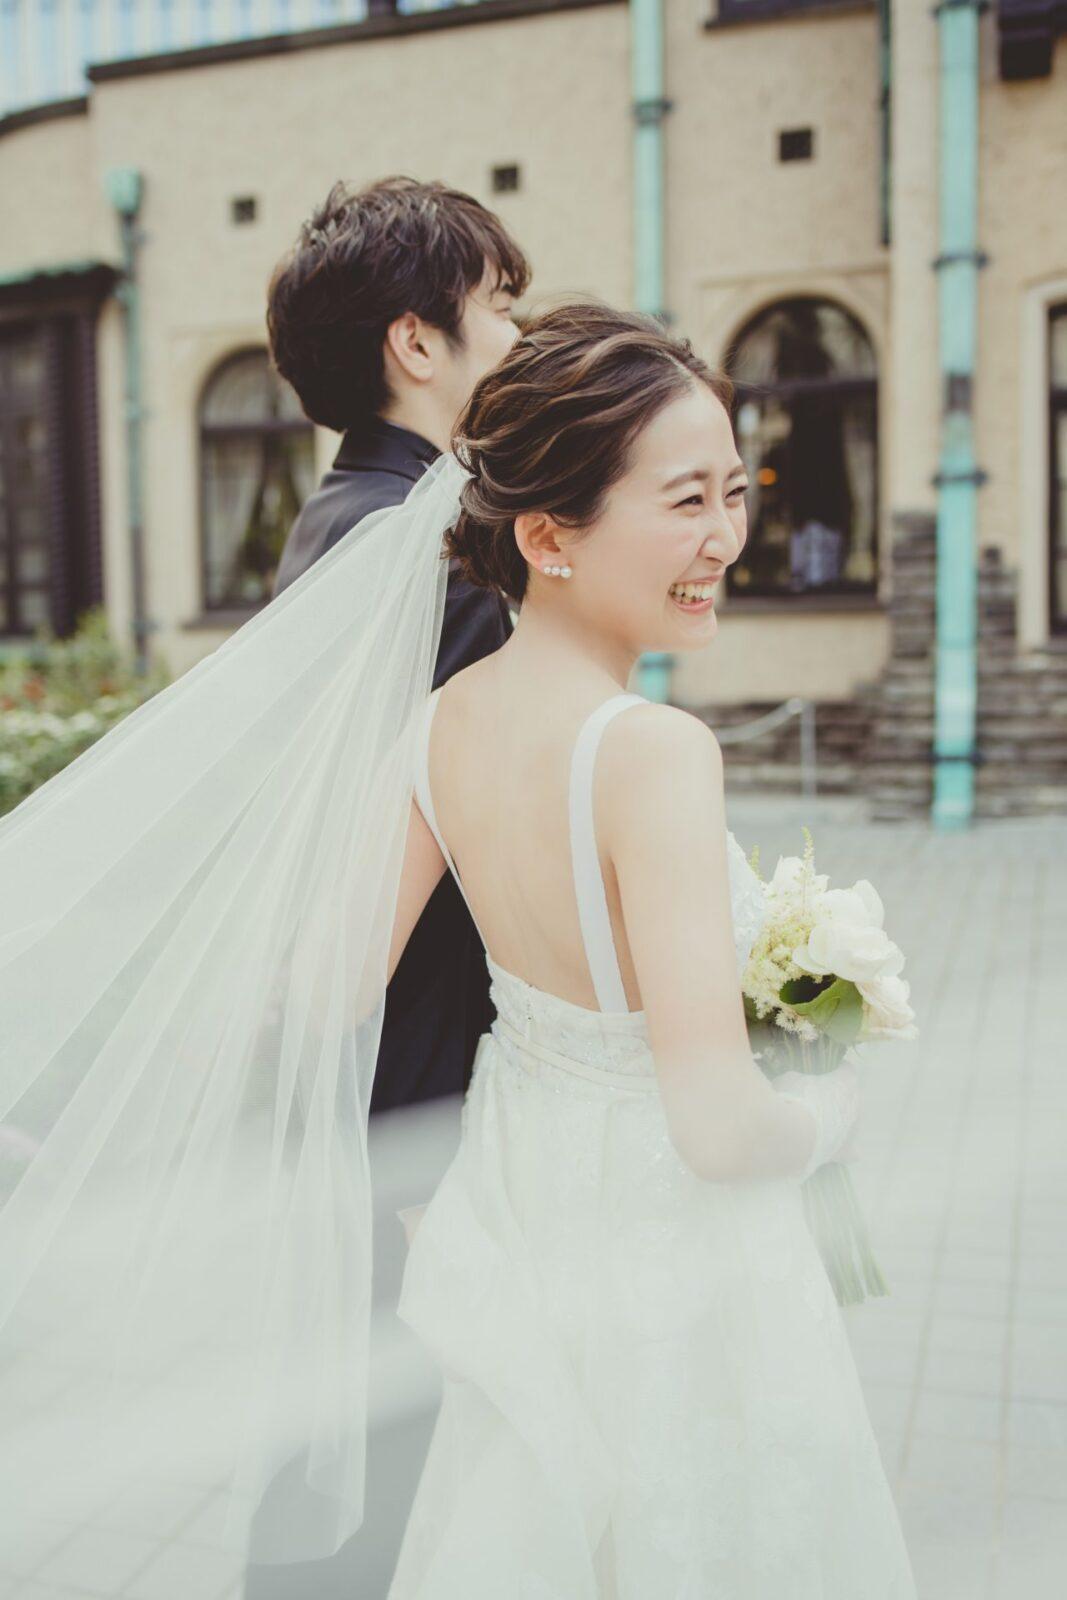 トレンドの背中が開いたバックコンシャスなウェディングドレスは、おお洒落な花嫁、モダンな花嫁にお召し頂きたいデザインです